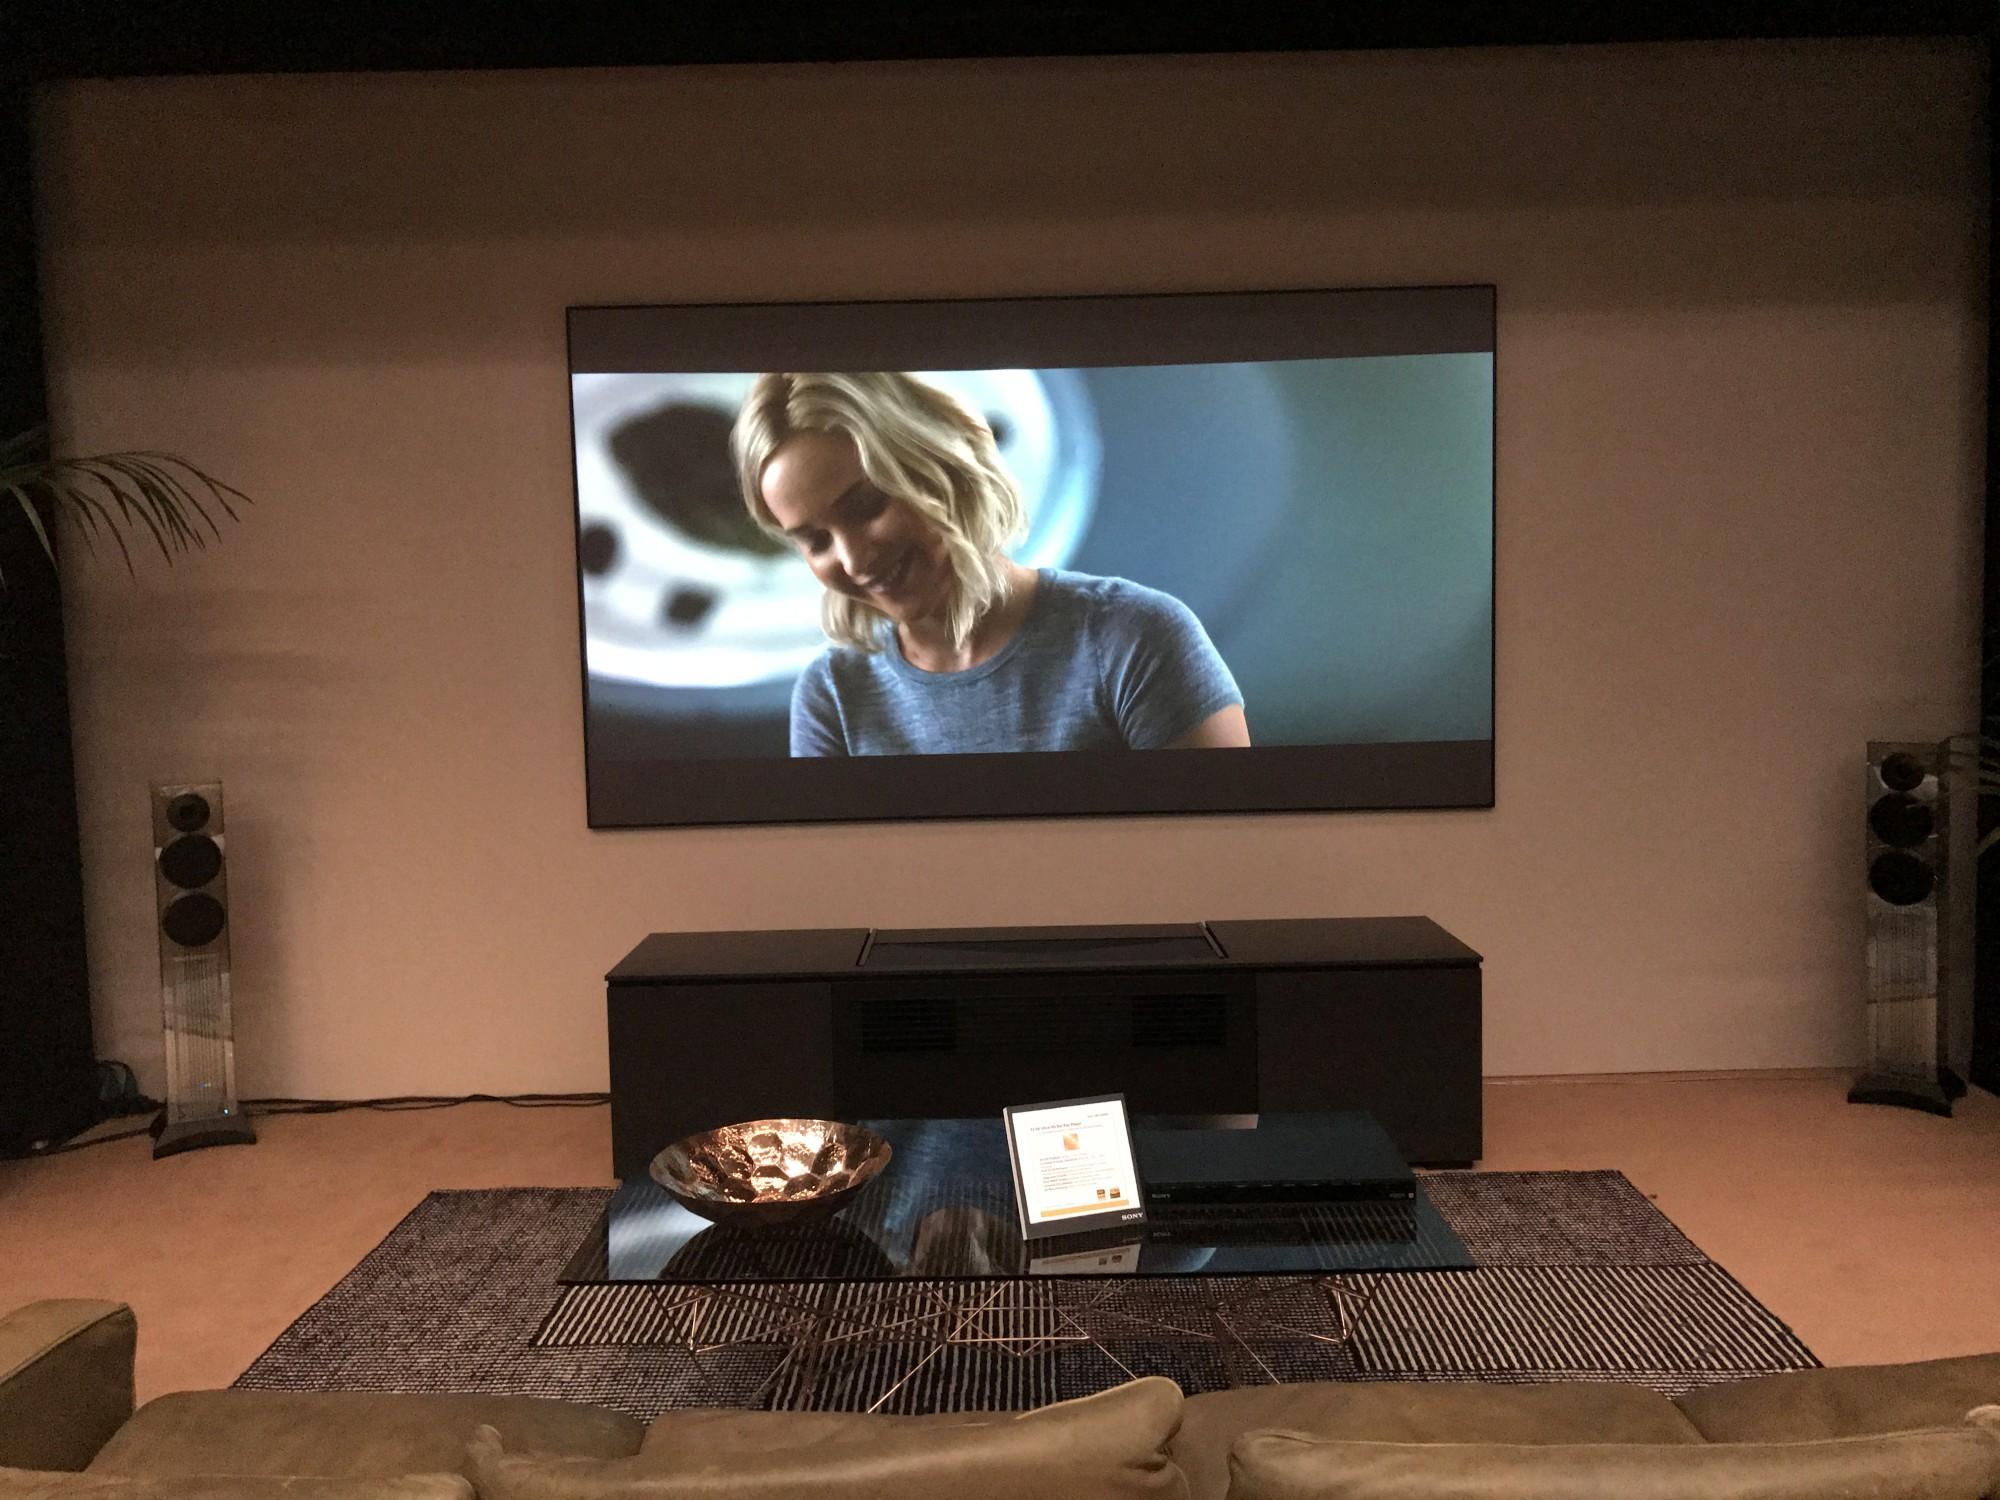 Videoprojecteur Sony hdr ultra courte focale VPL-VZ1000ES a Cap d'Antibes